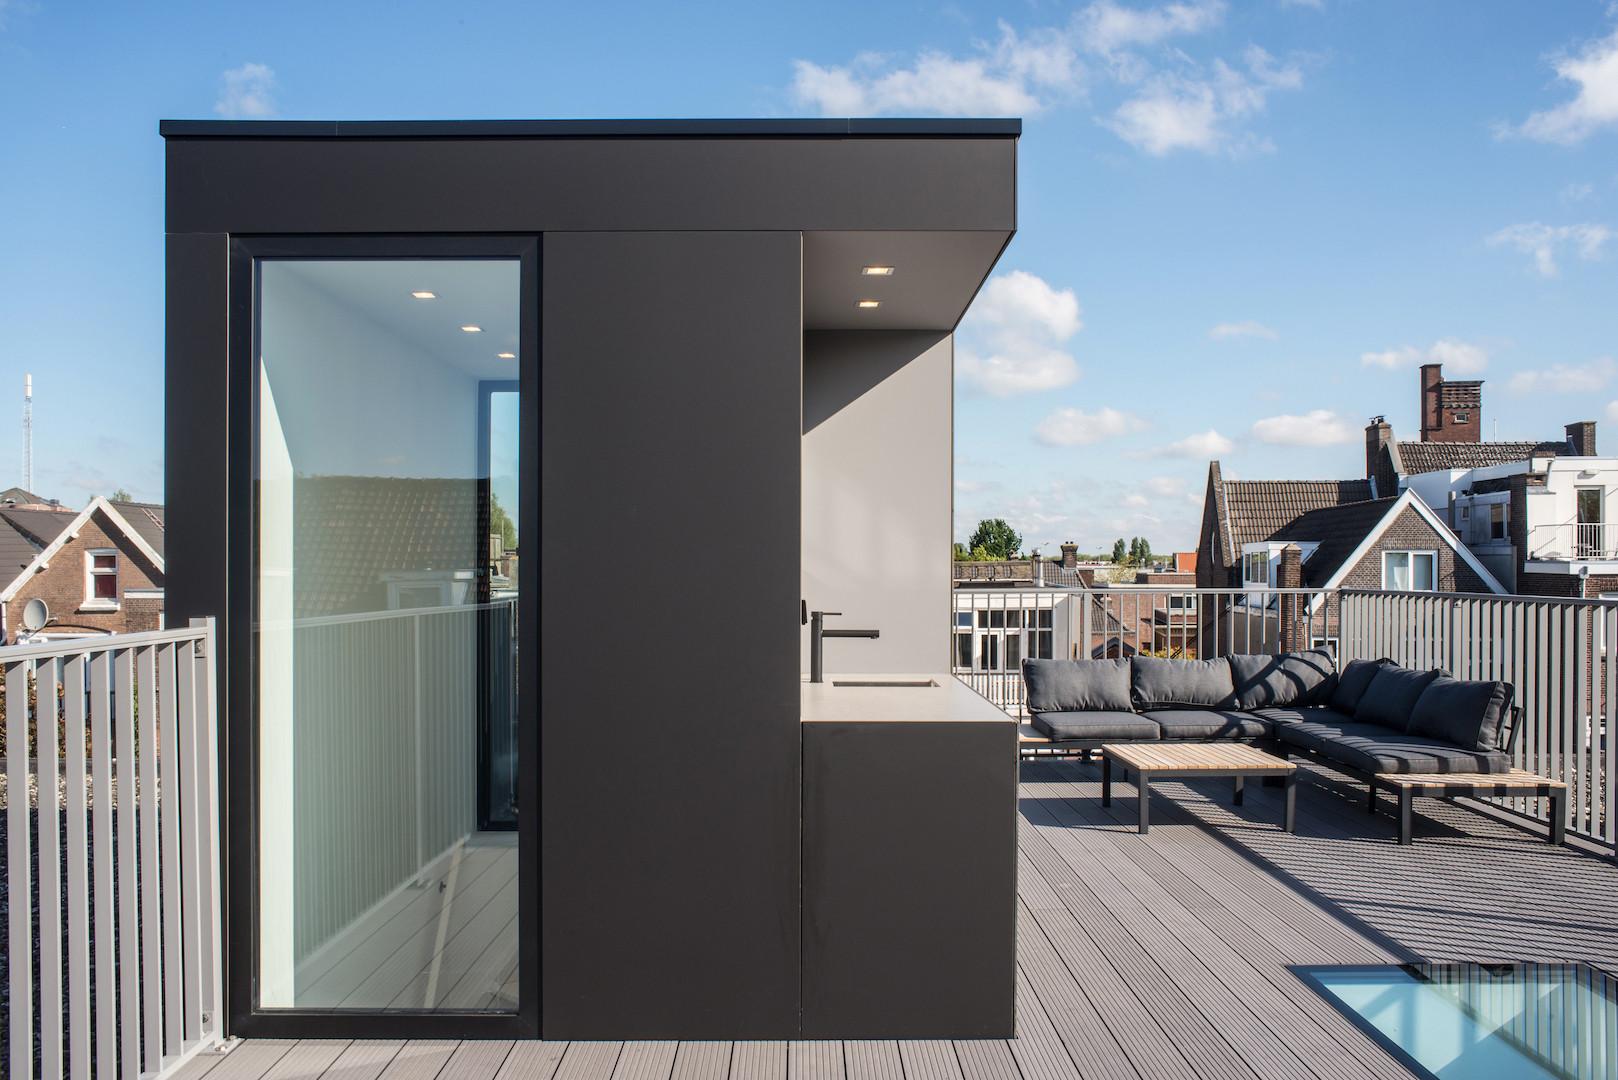 Opbouw op dakterras in woning aan de Beatrijsstraat in Rotterdam.